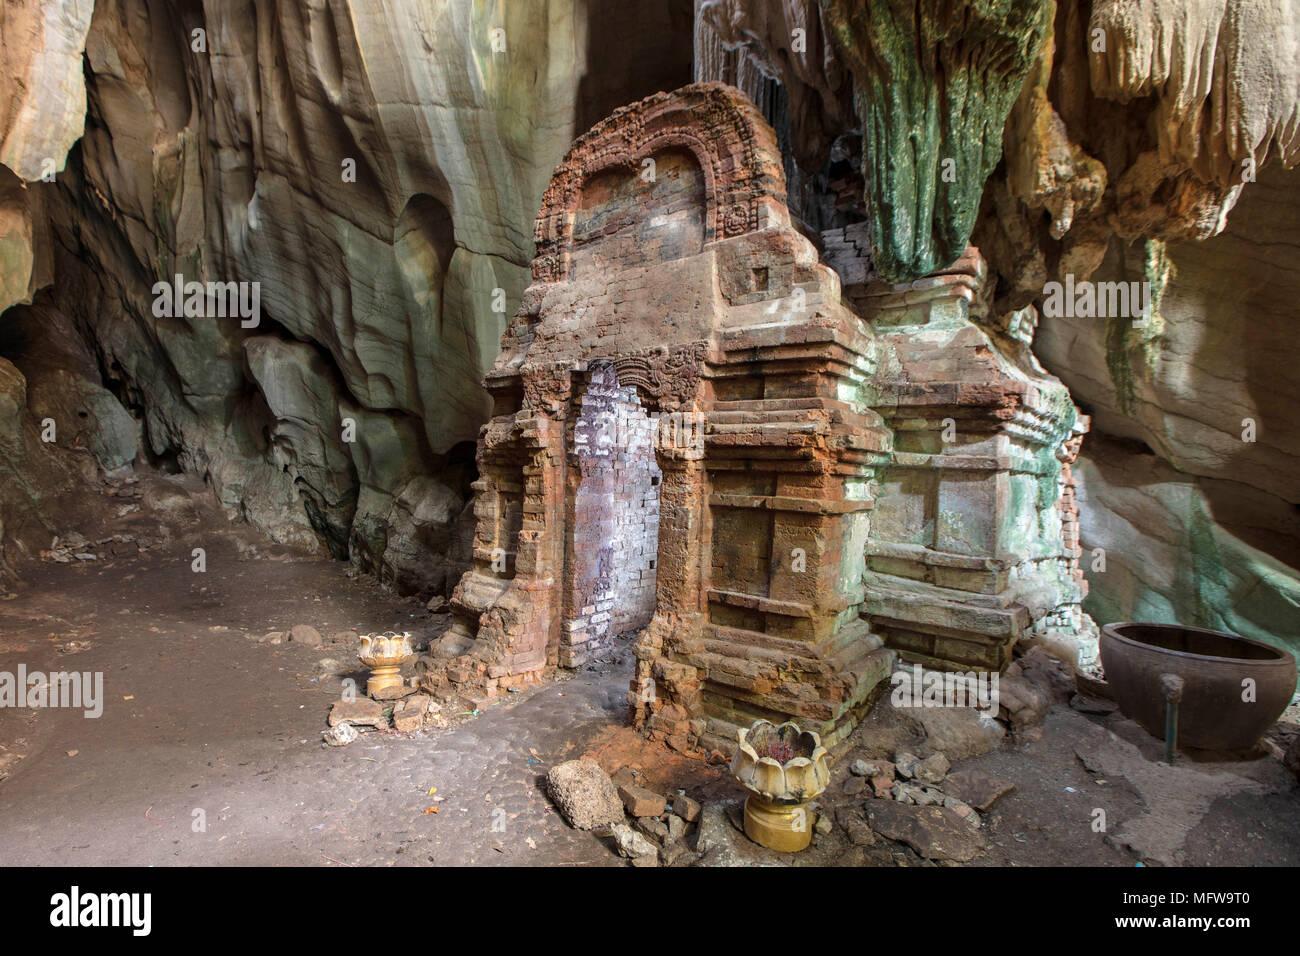 Phnom Chhnork indù Khmer tempio nella grotta in provincia di Kampot, Cambogia Immagini Stock